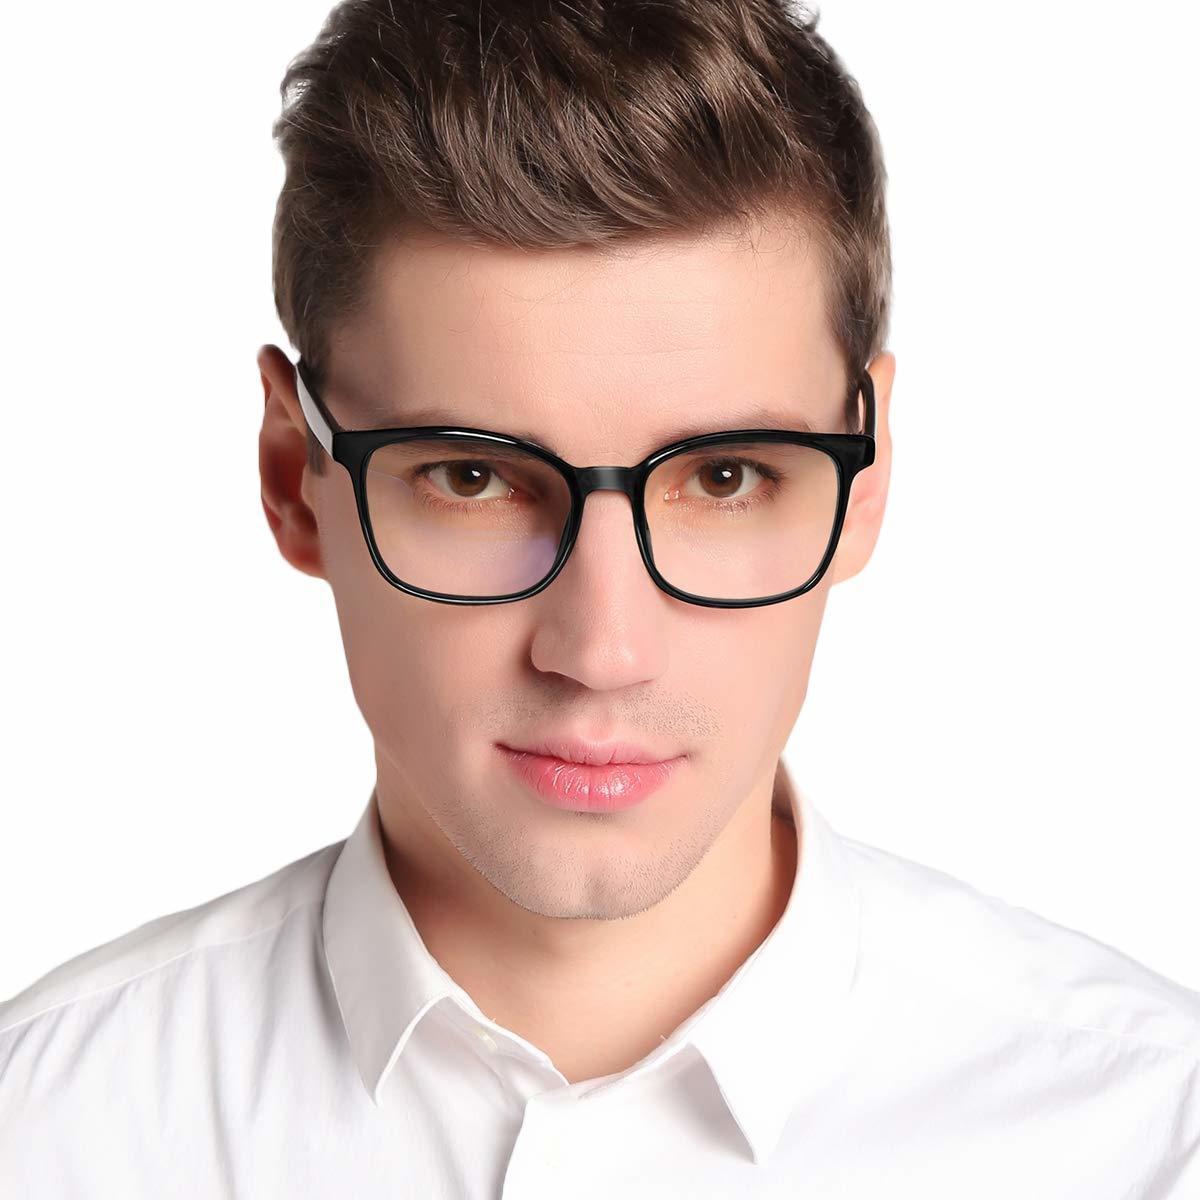 新品●Jawwei 伊達メガネ おしゃれ ブルーライトカット pcメガネ TR90 超軽量 だて 眼鏡 ファッション メガネ uv 紫外線99%カット Y6838_画像2